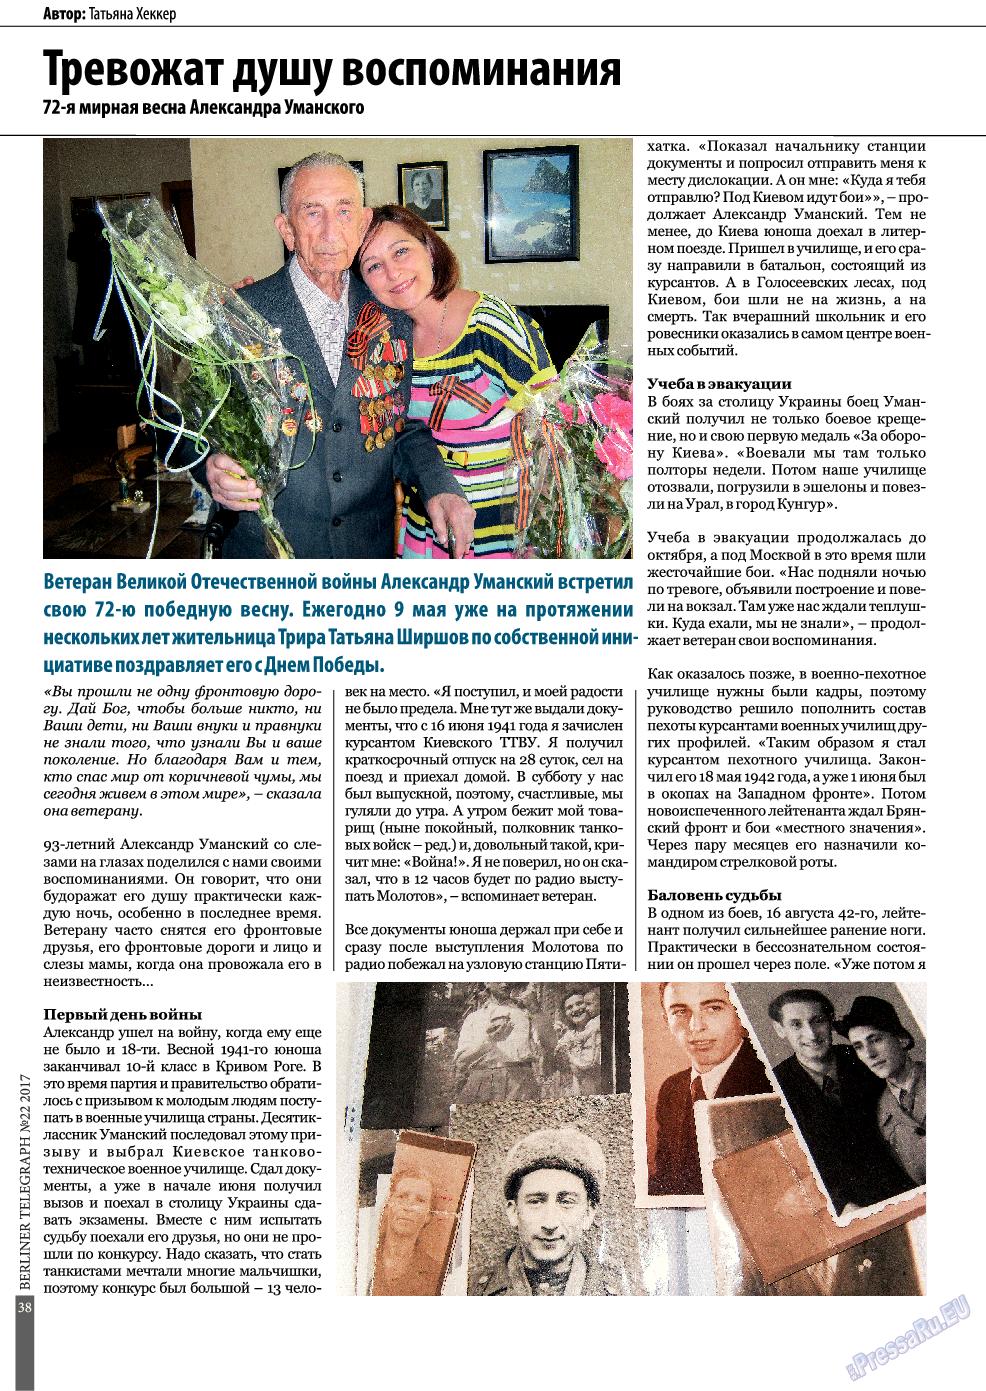 Берлинский телеграф (журнал). 2017 год, номер 22, стр. 38